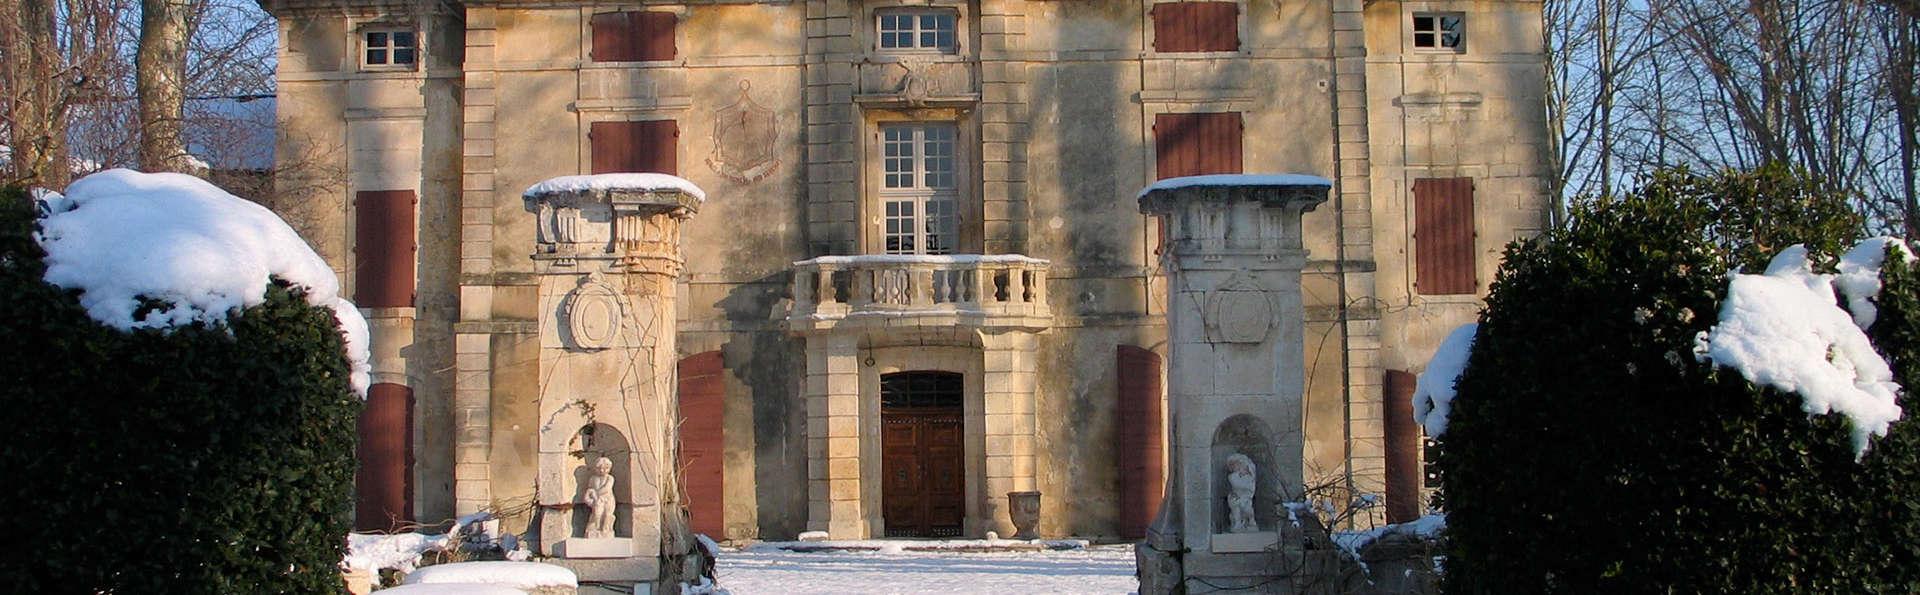 Château de Roussan - EDIT_front22a.jpg